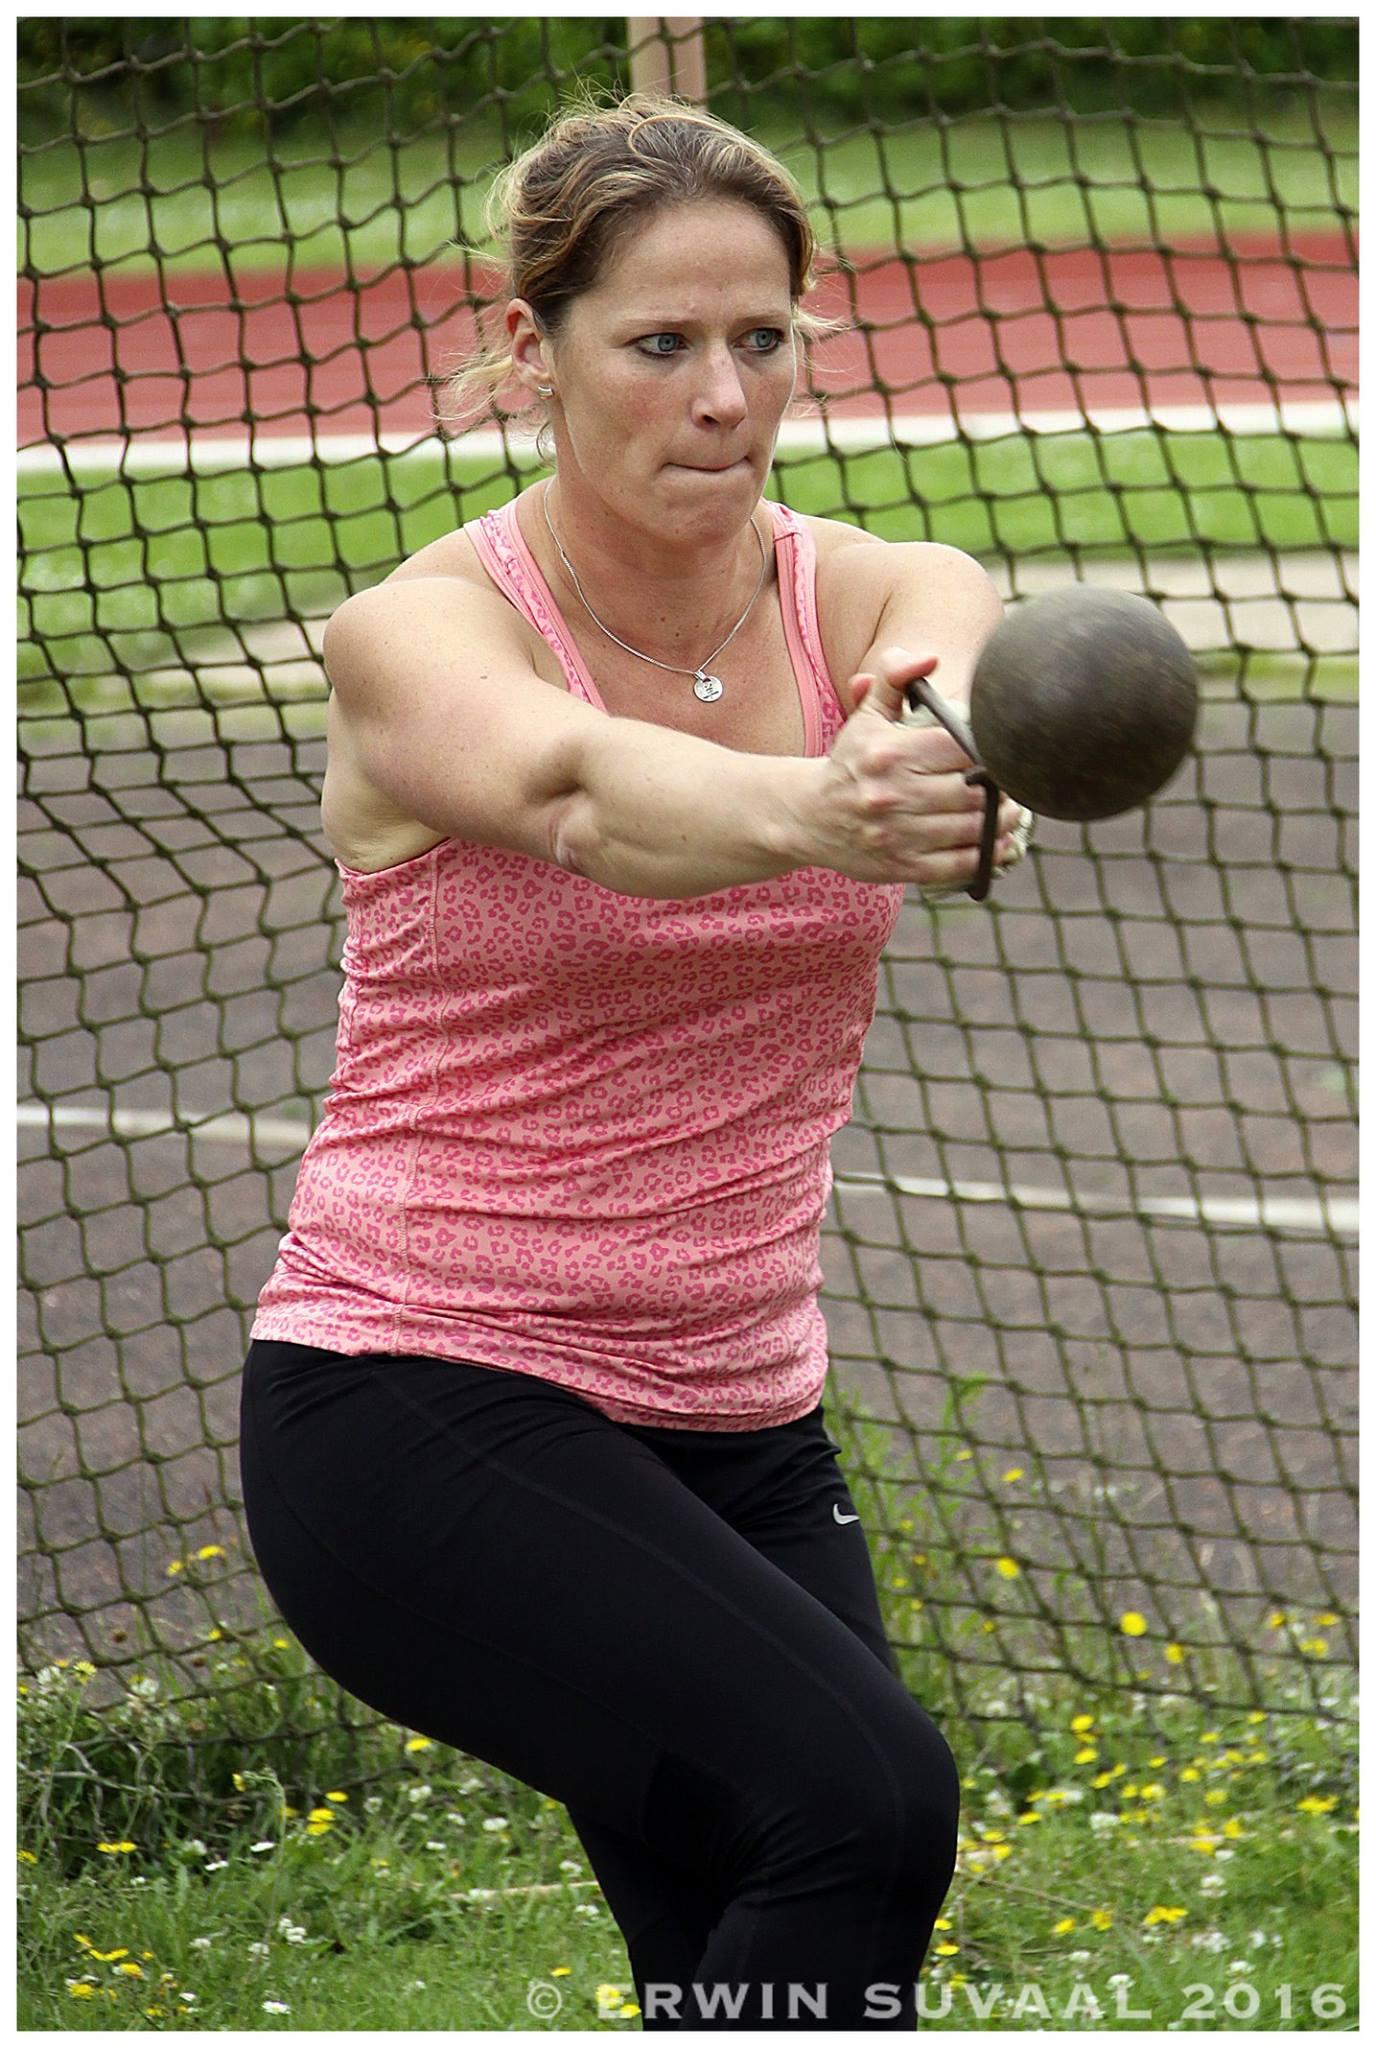 Wendy Koolhaas in actie bij het gewichtwerpen.